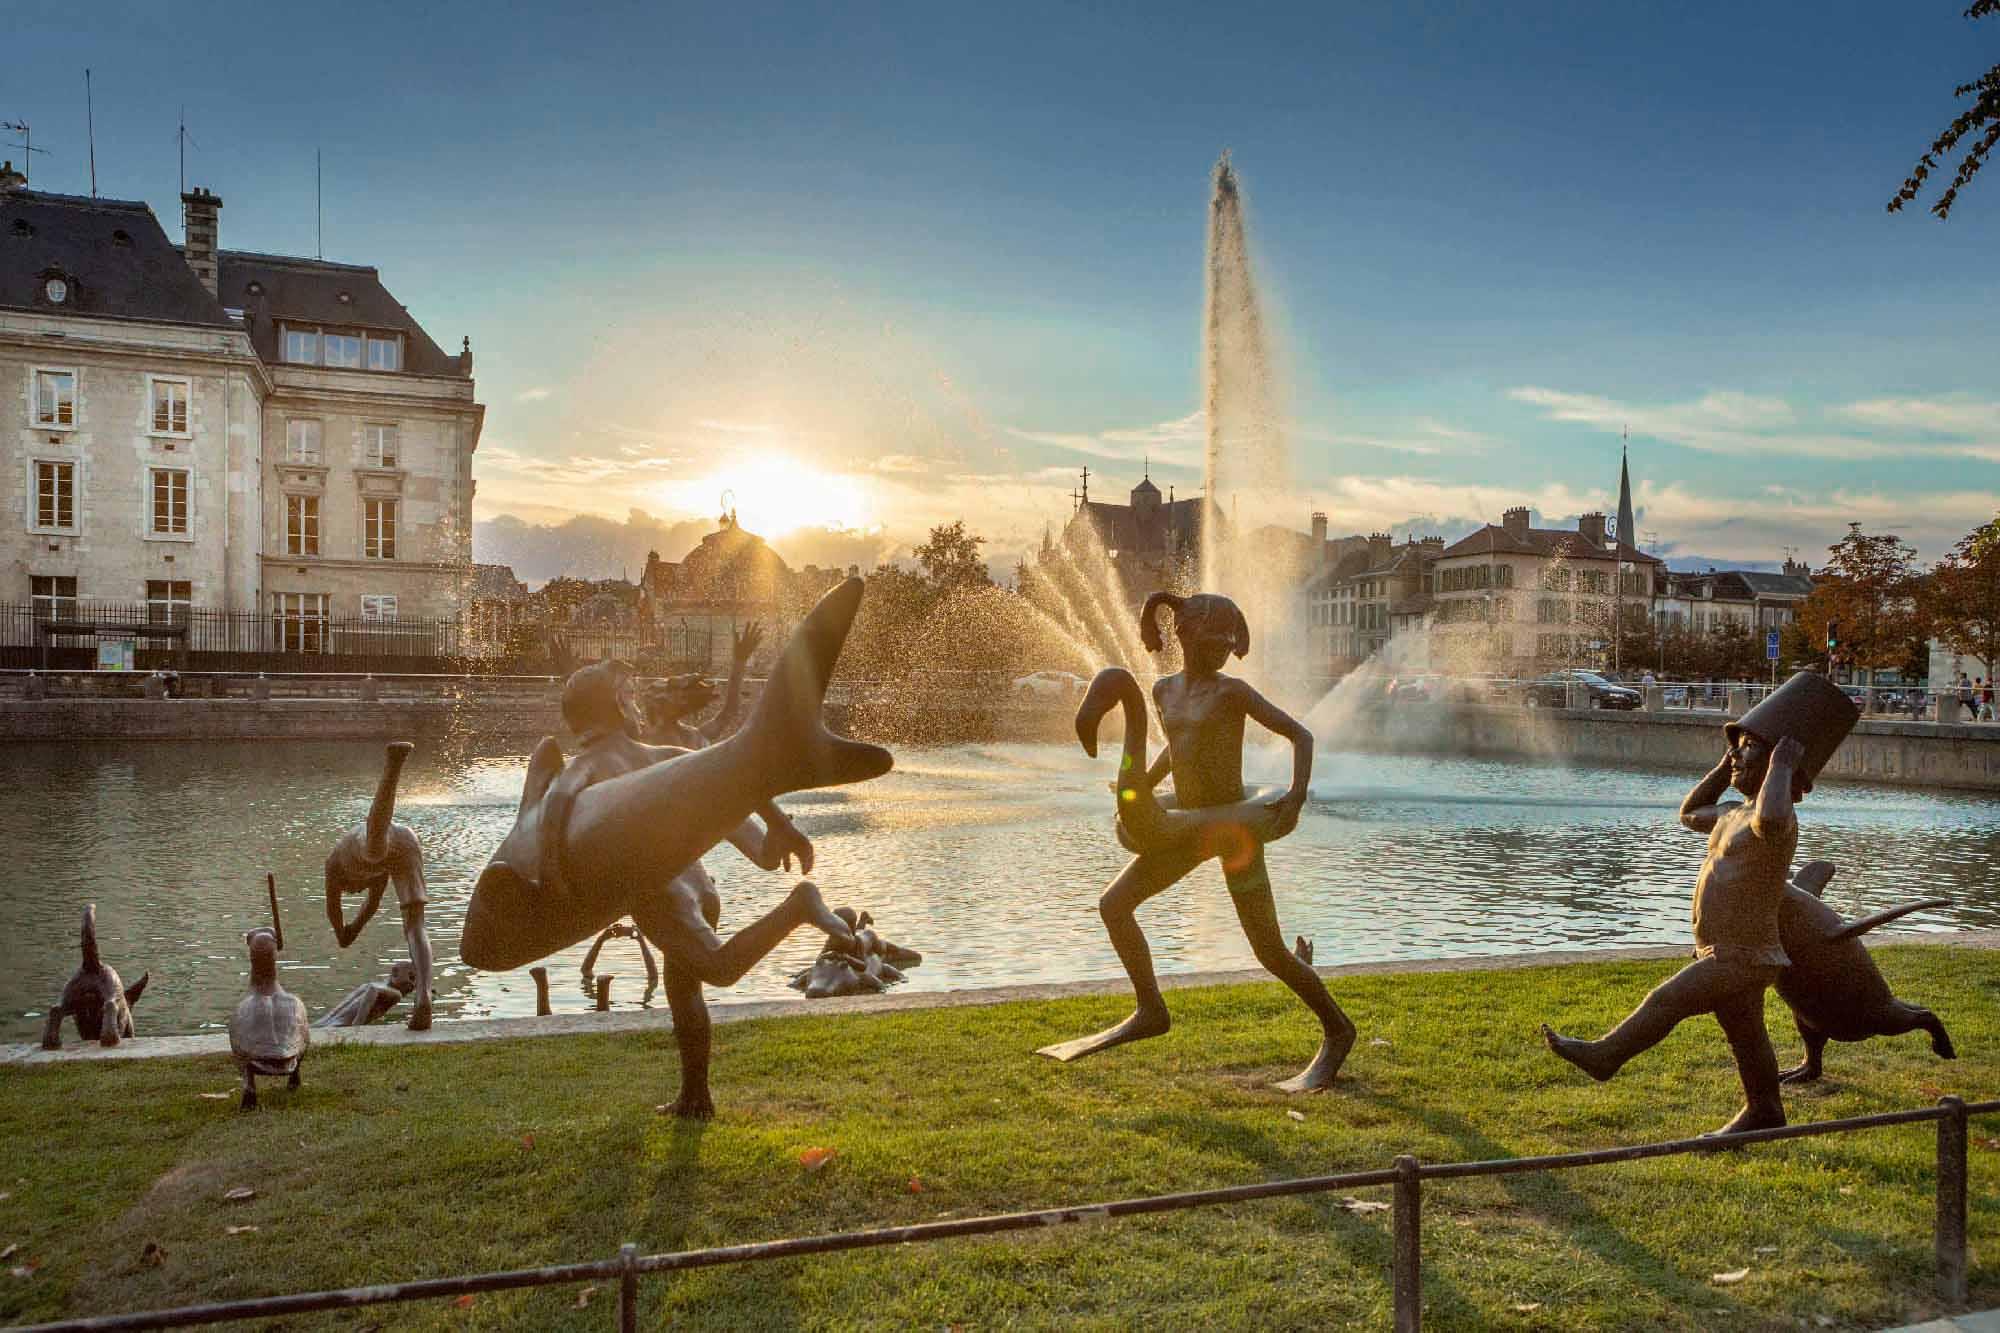 La ribambelle joyeuse, œuvre en bronze de l'artiste belge Tom Frantzen, sur le quai La Fontaine à Troyes.